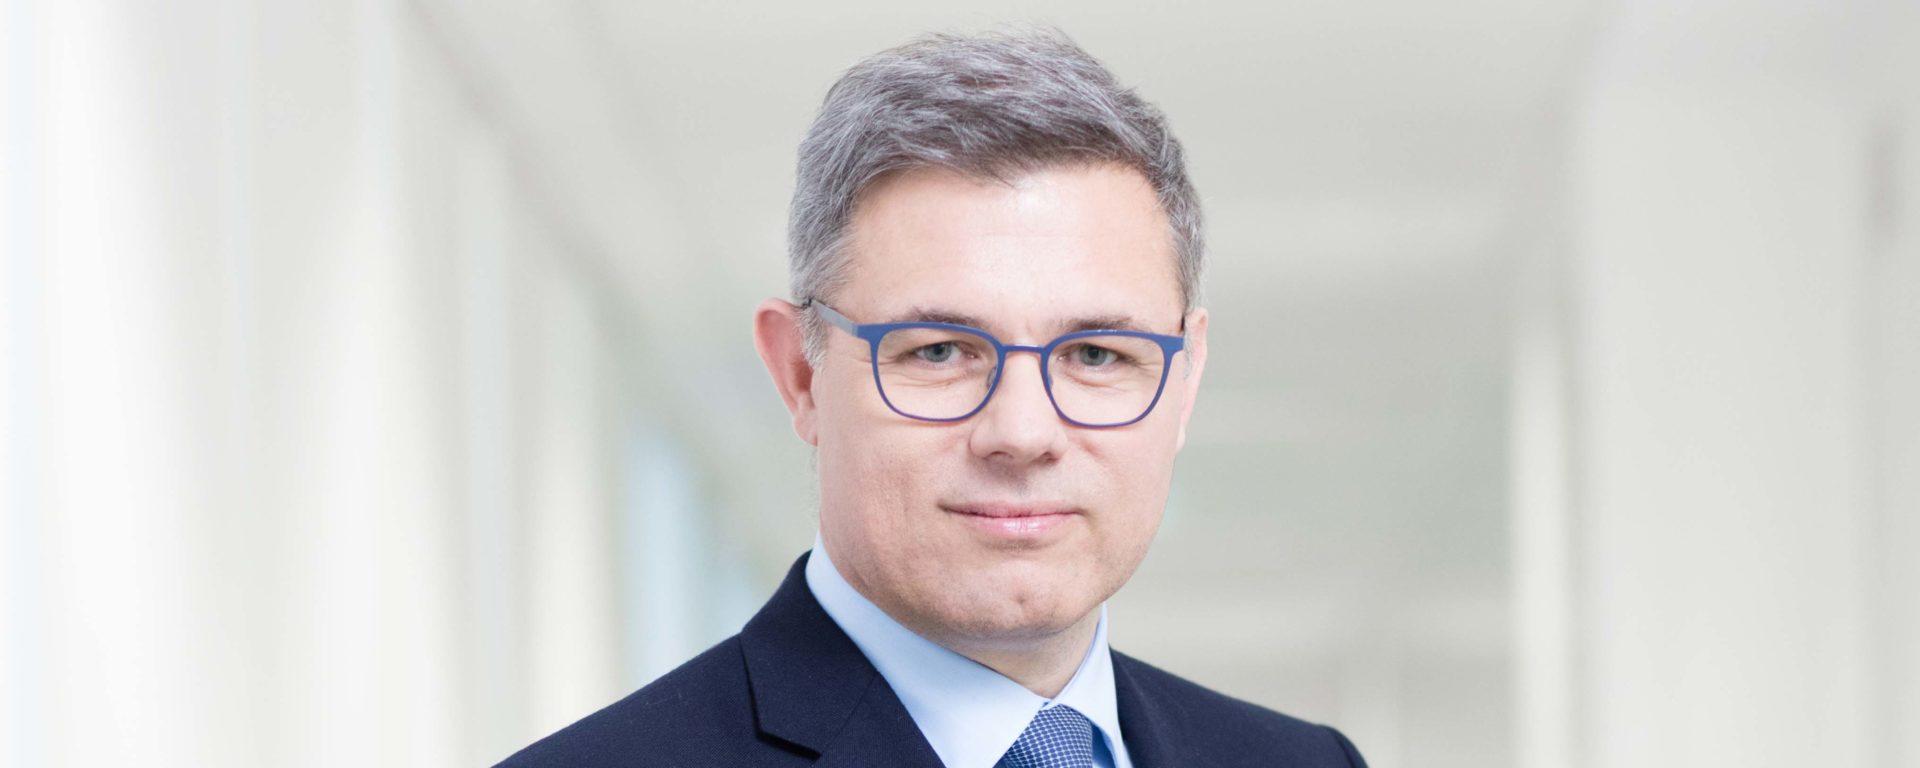 Edouard Hénaut membre comex excom comité exécutif executive committee member Transdev group governance gouvernance